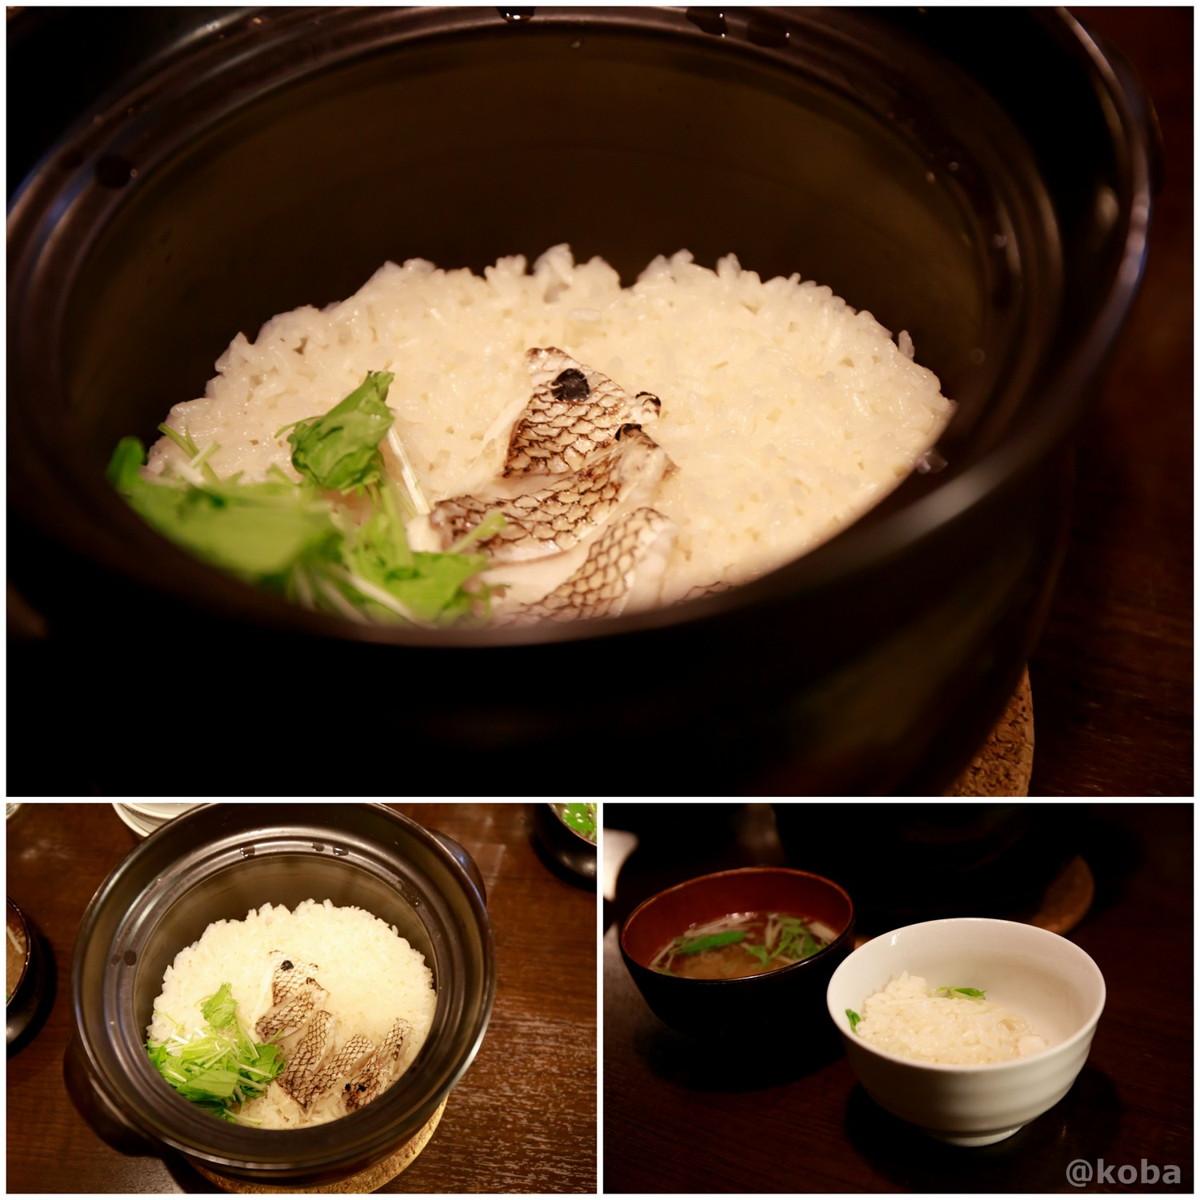 真鯛 土鍋の炊き込みご飯(1合)と味噌汁の写真|六人衆(ろくにんしゅう) ROKUNIN SYU 日本酒 居酒屋|東京都江戸川区・小岩